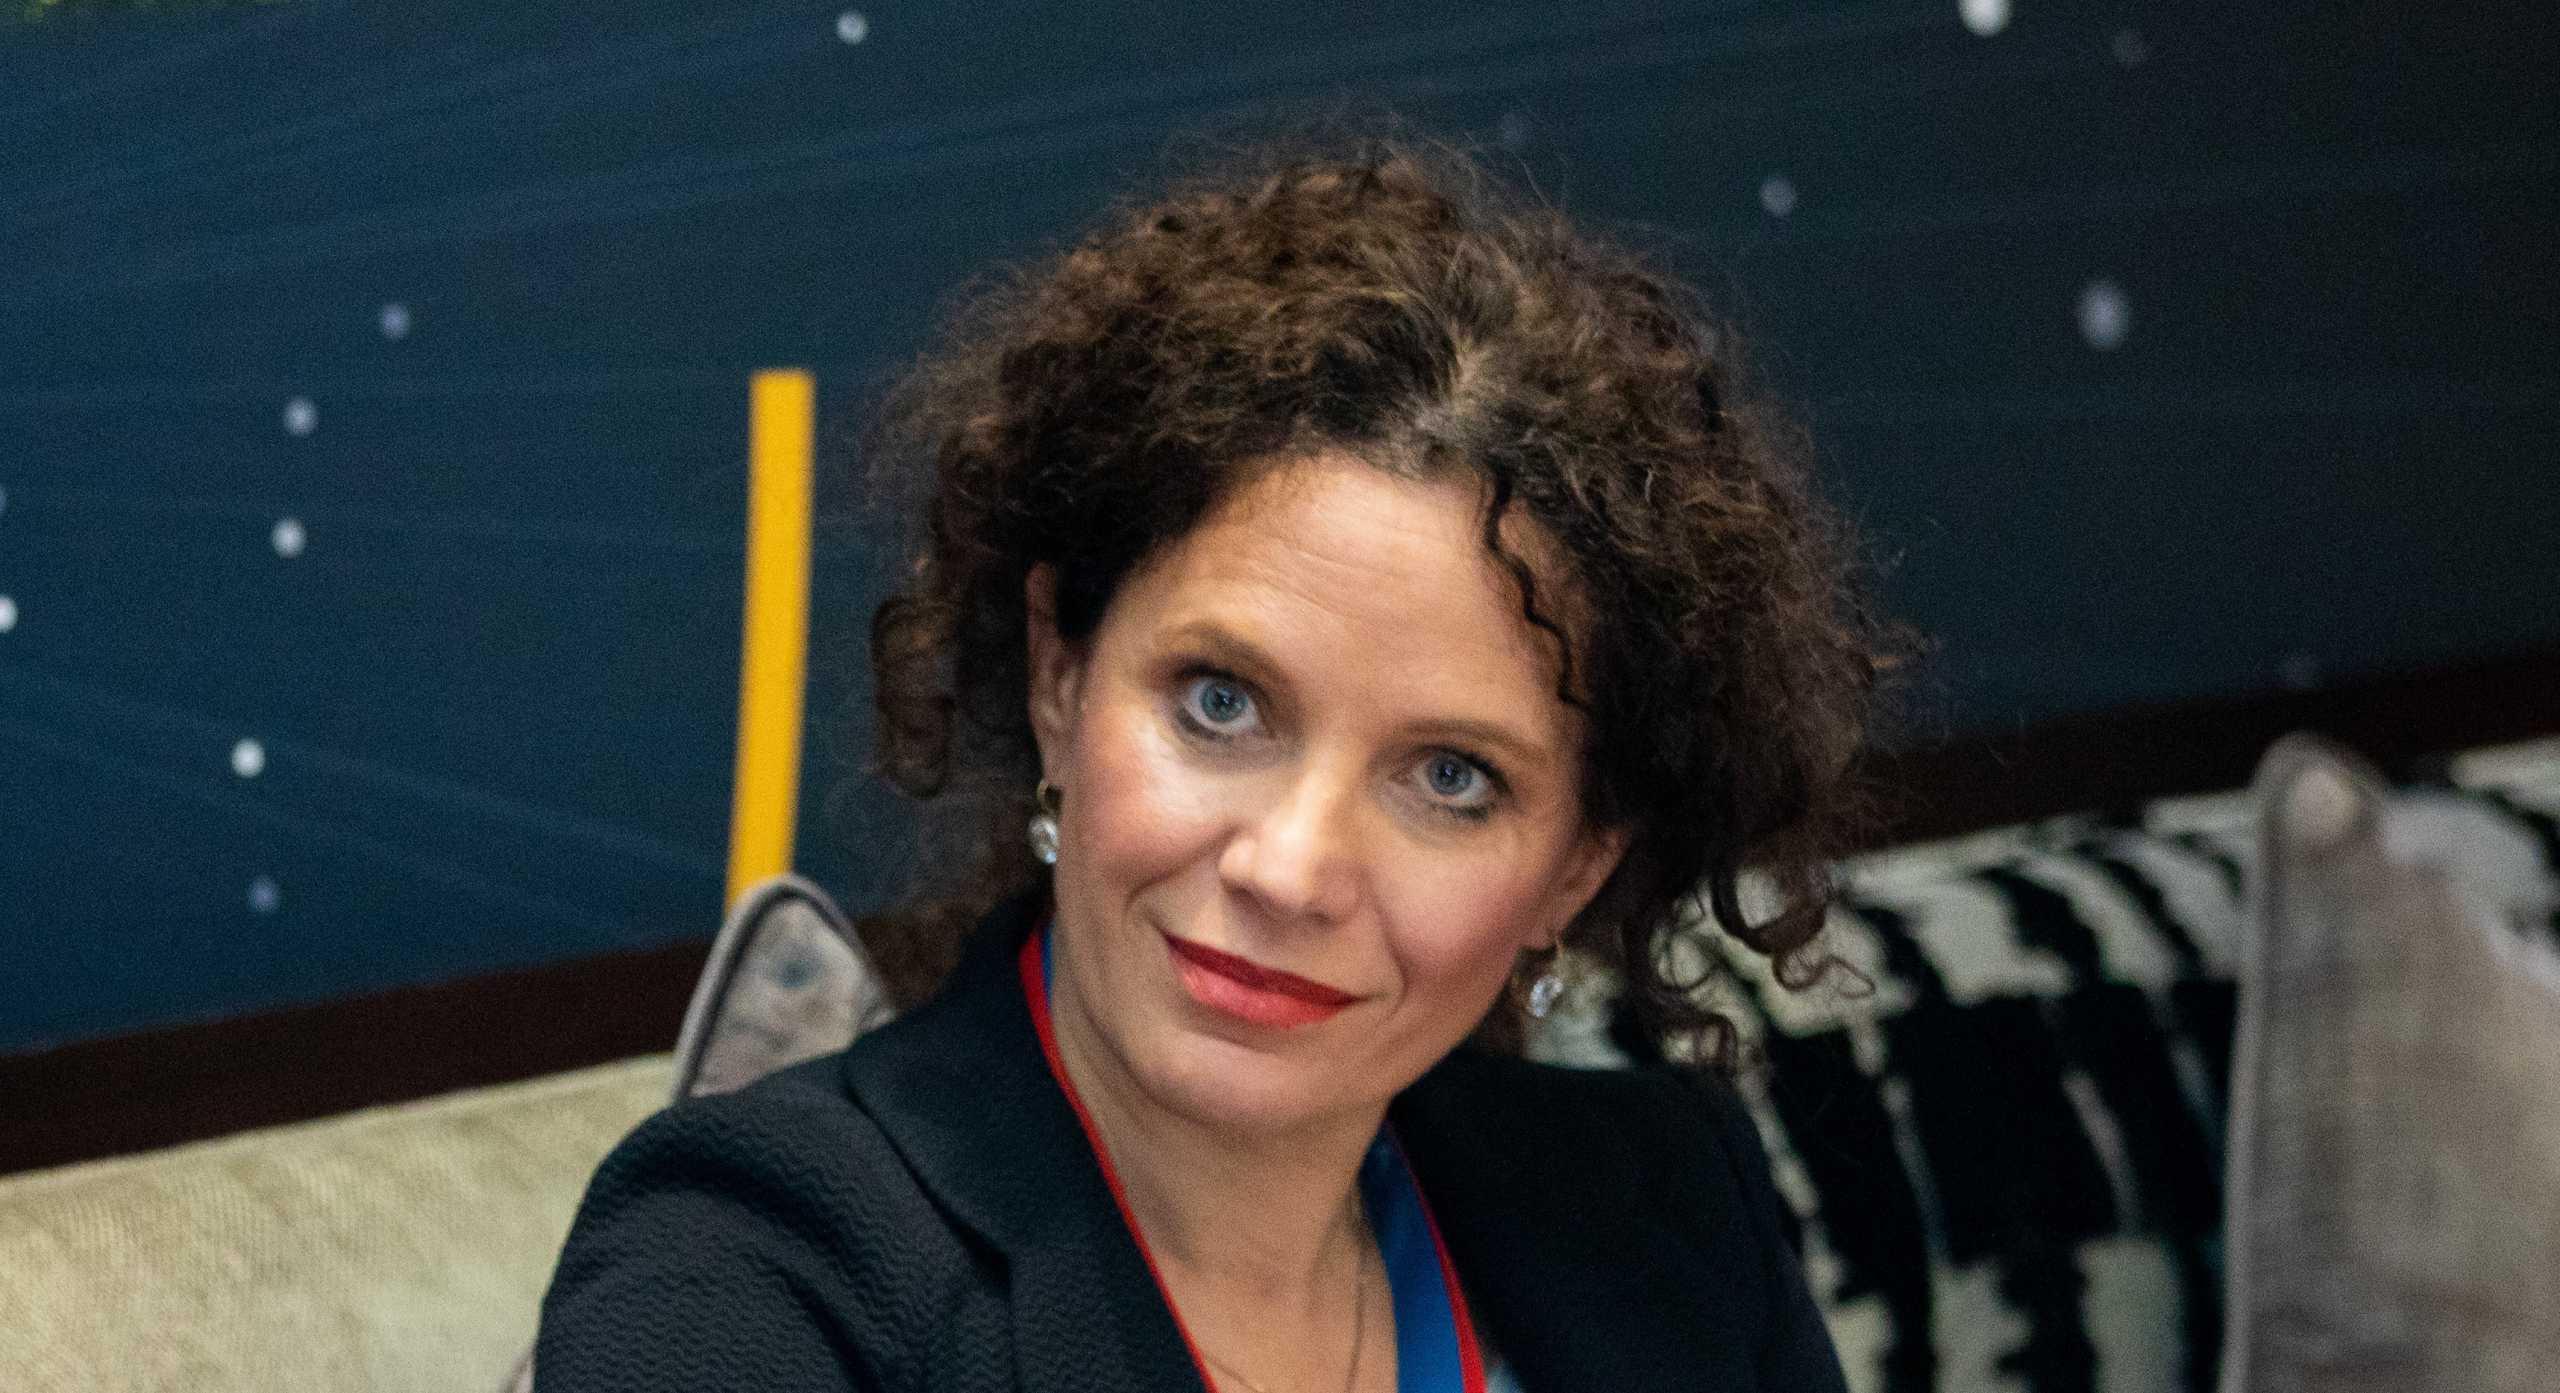 ΔΕΣΦΑ: Ποια είναι η νέα διευθύνουσα σύμβουλος Maria Rita Galli